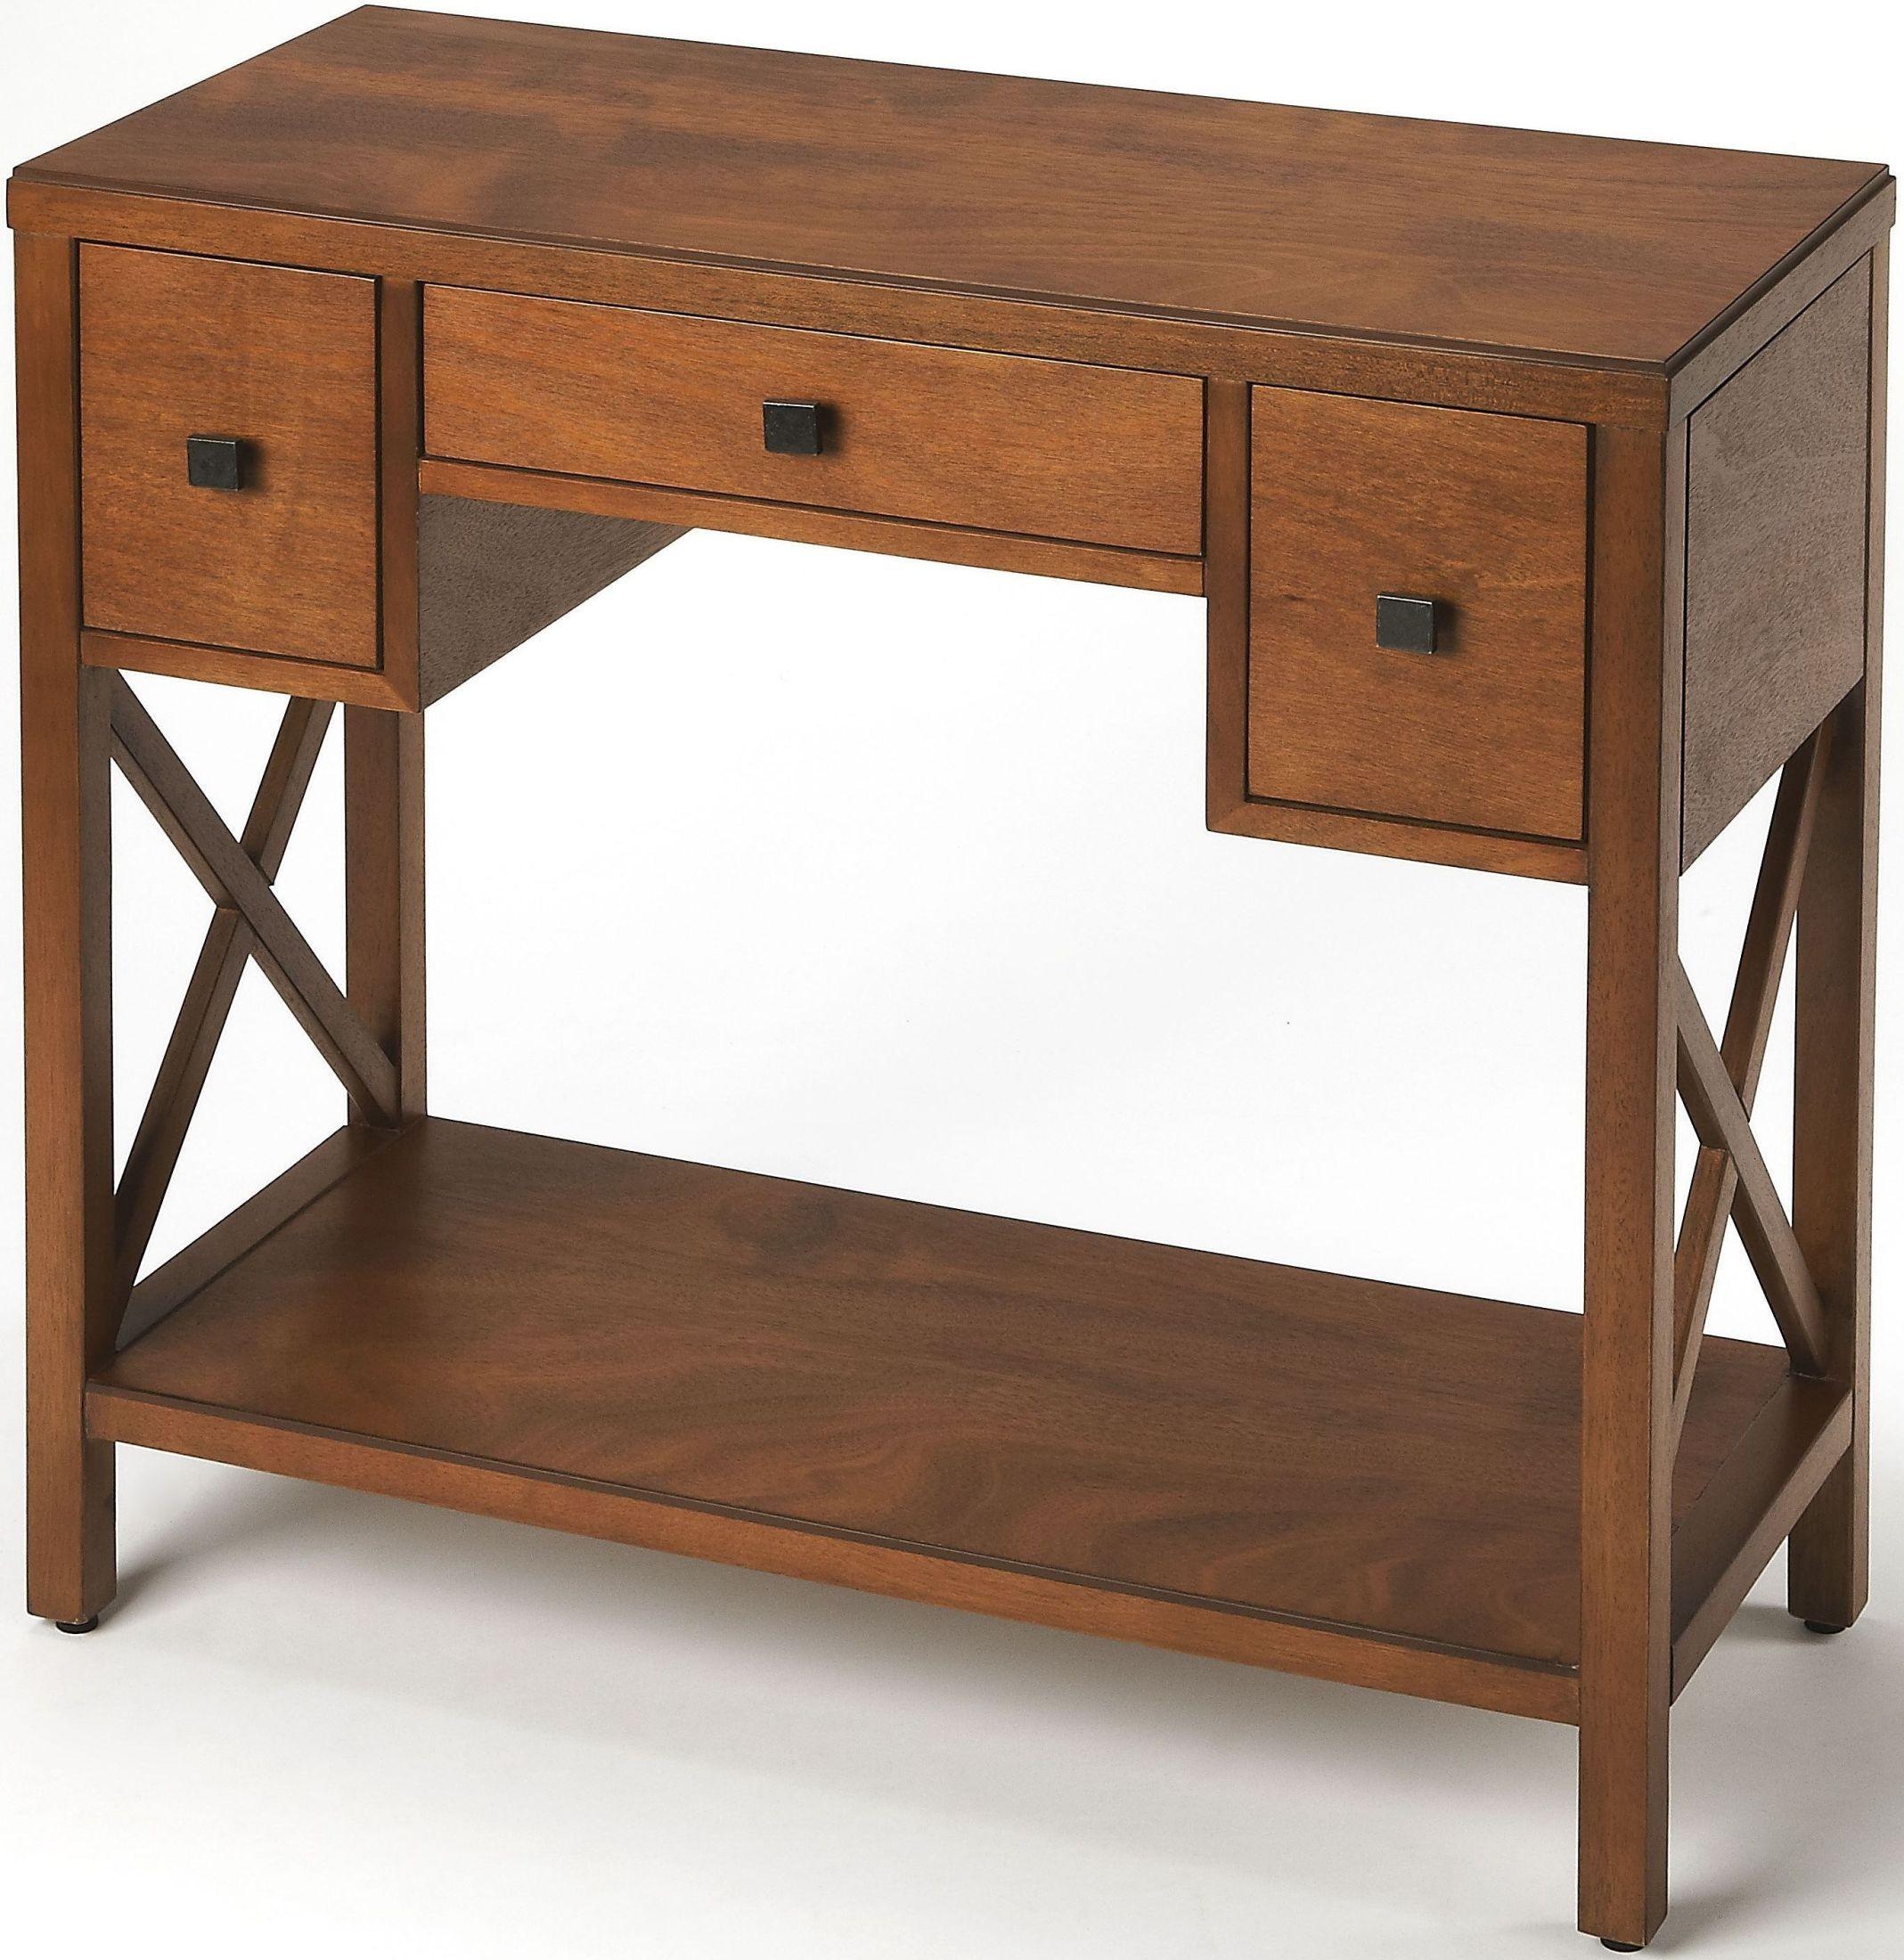 Butler loft warren caramel console table from